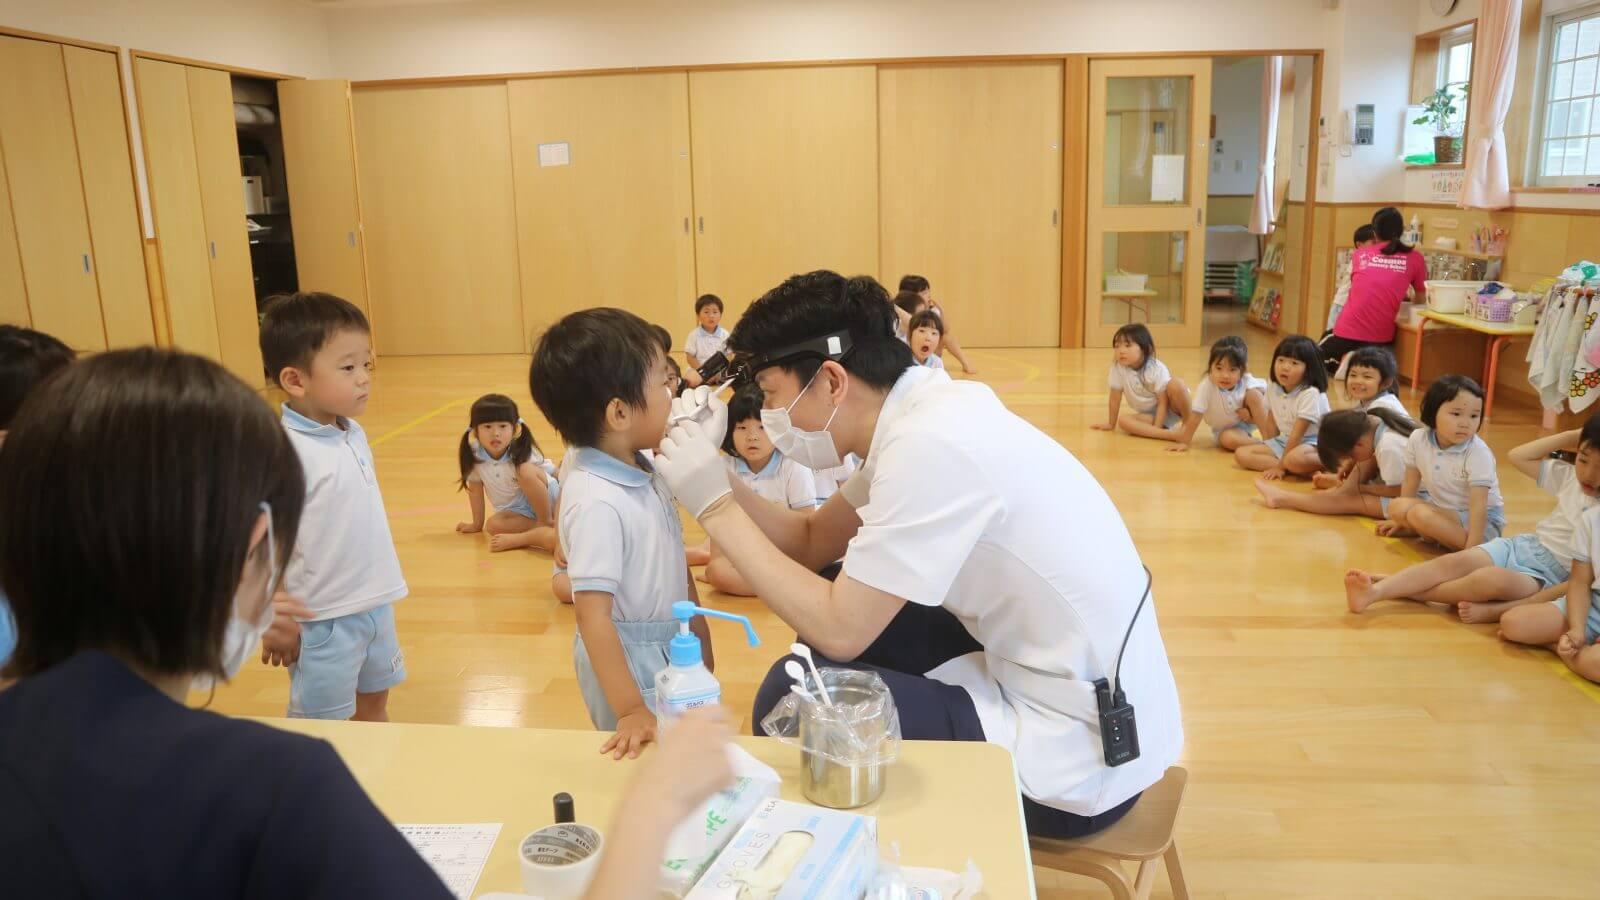 御笠川デンタルクリニック ヒカリの歯科検診